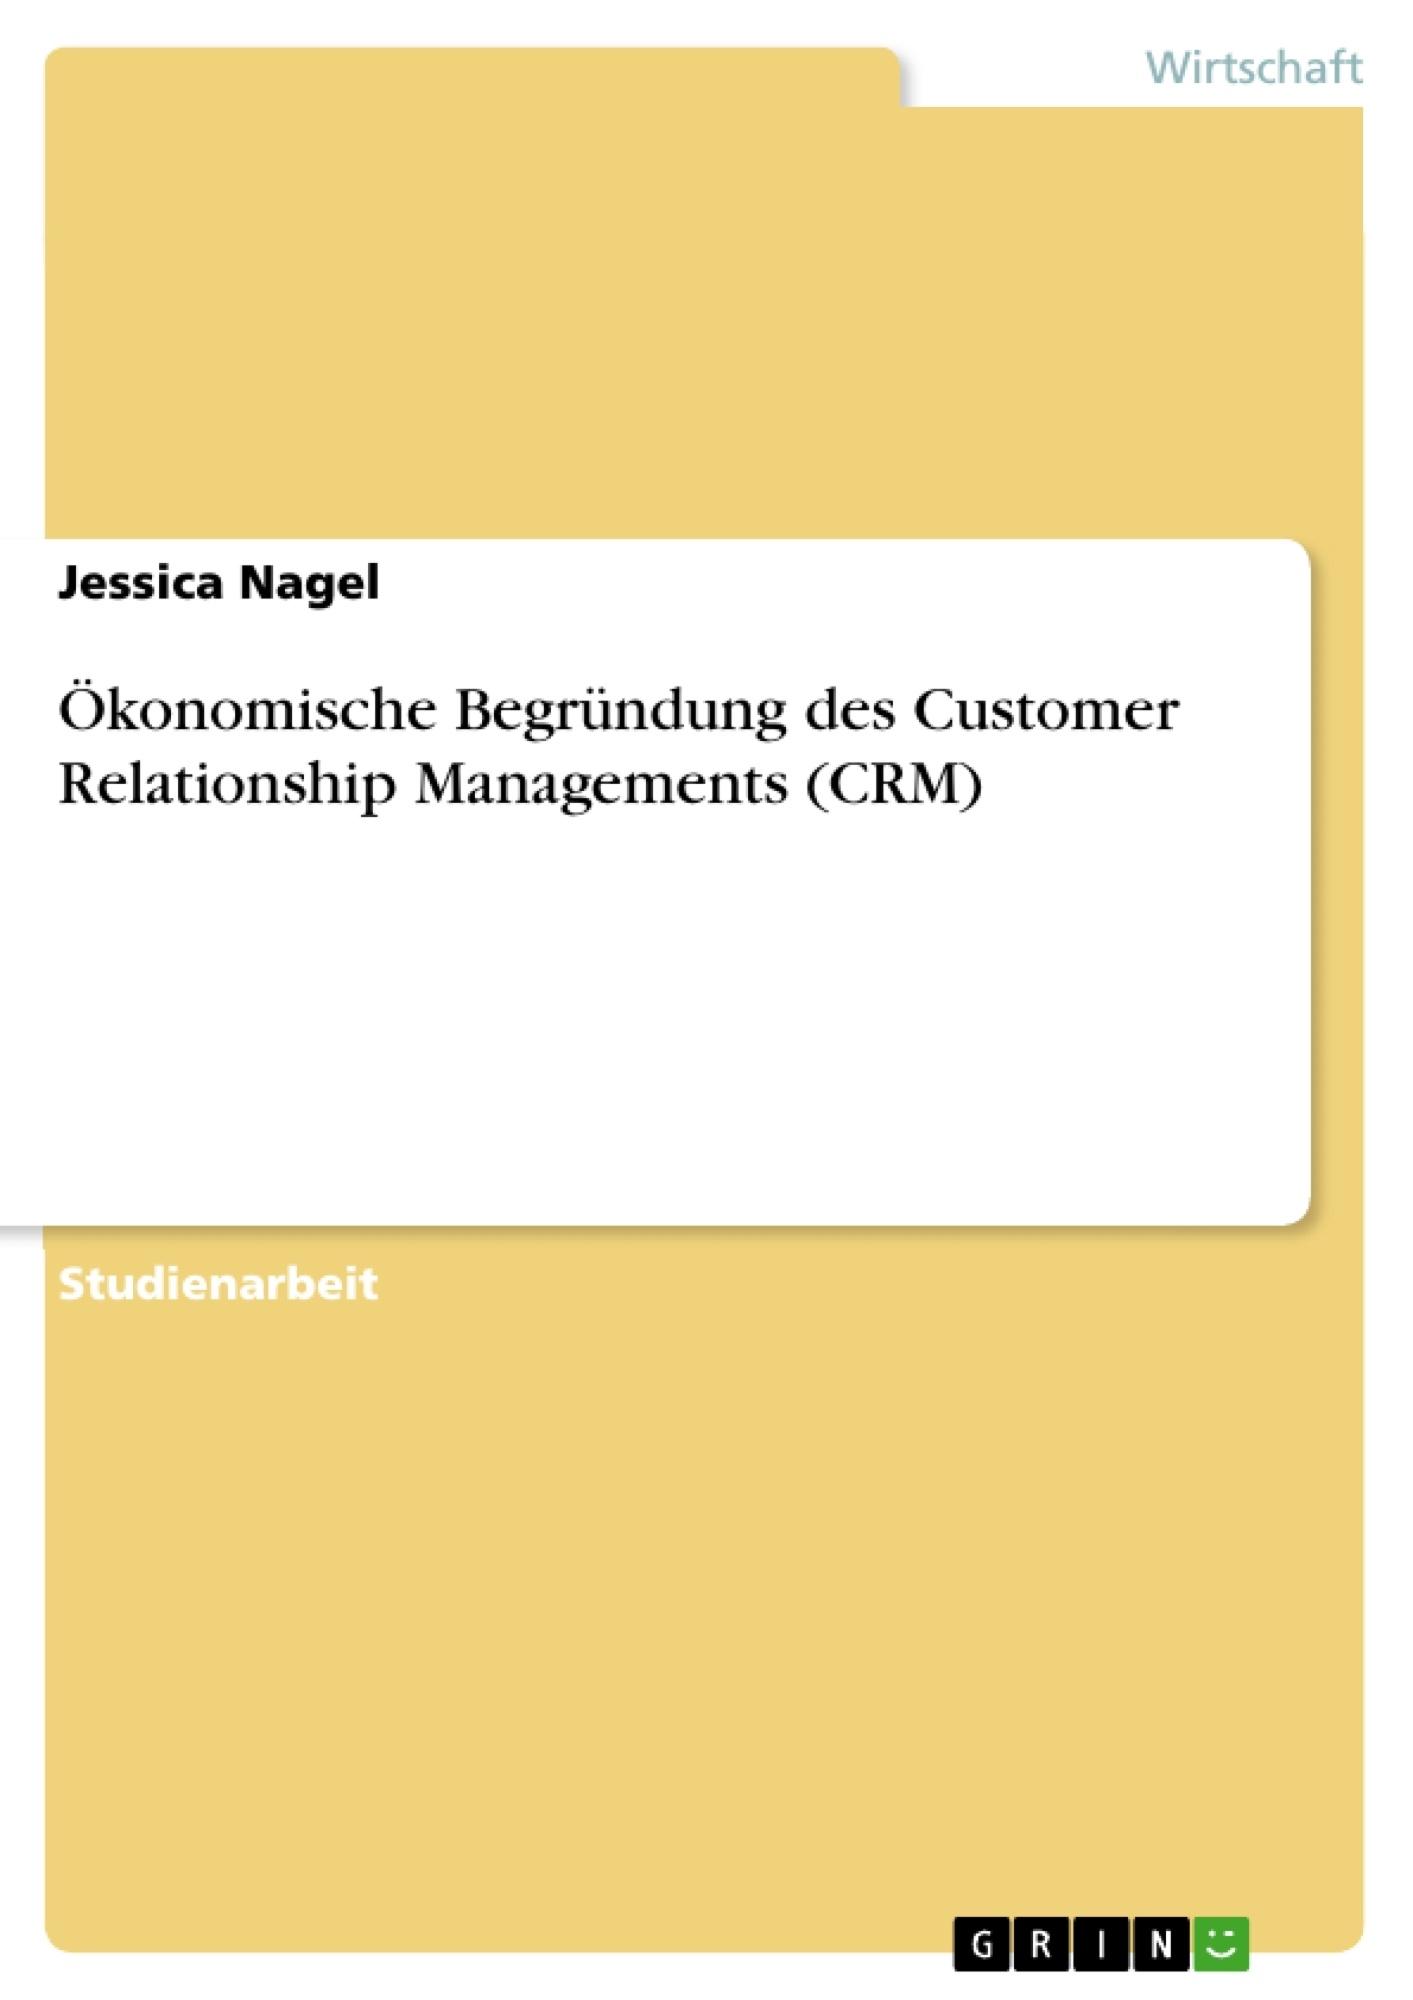 Titel: Ökonomische Begründung des Customer Relationship Managements (CRM)